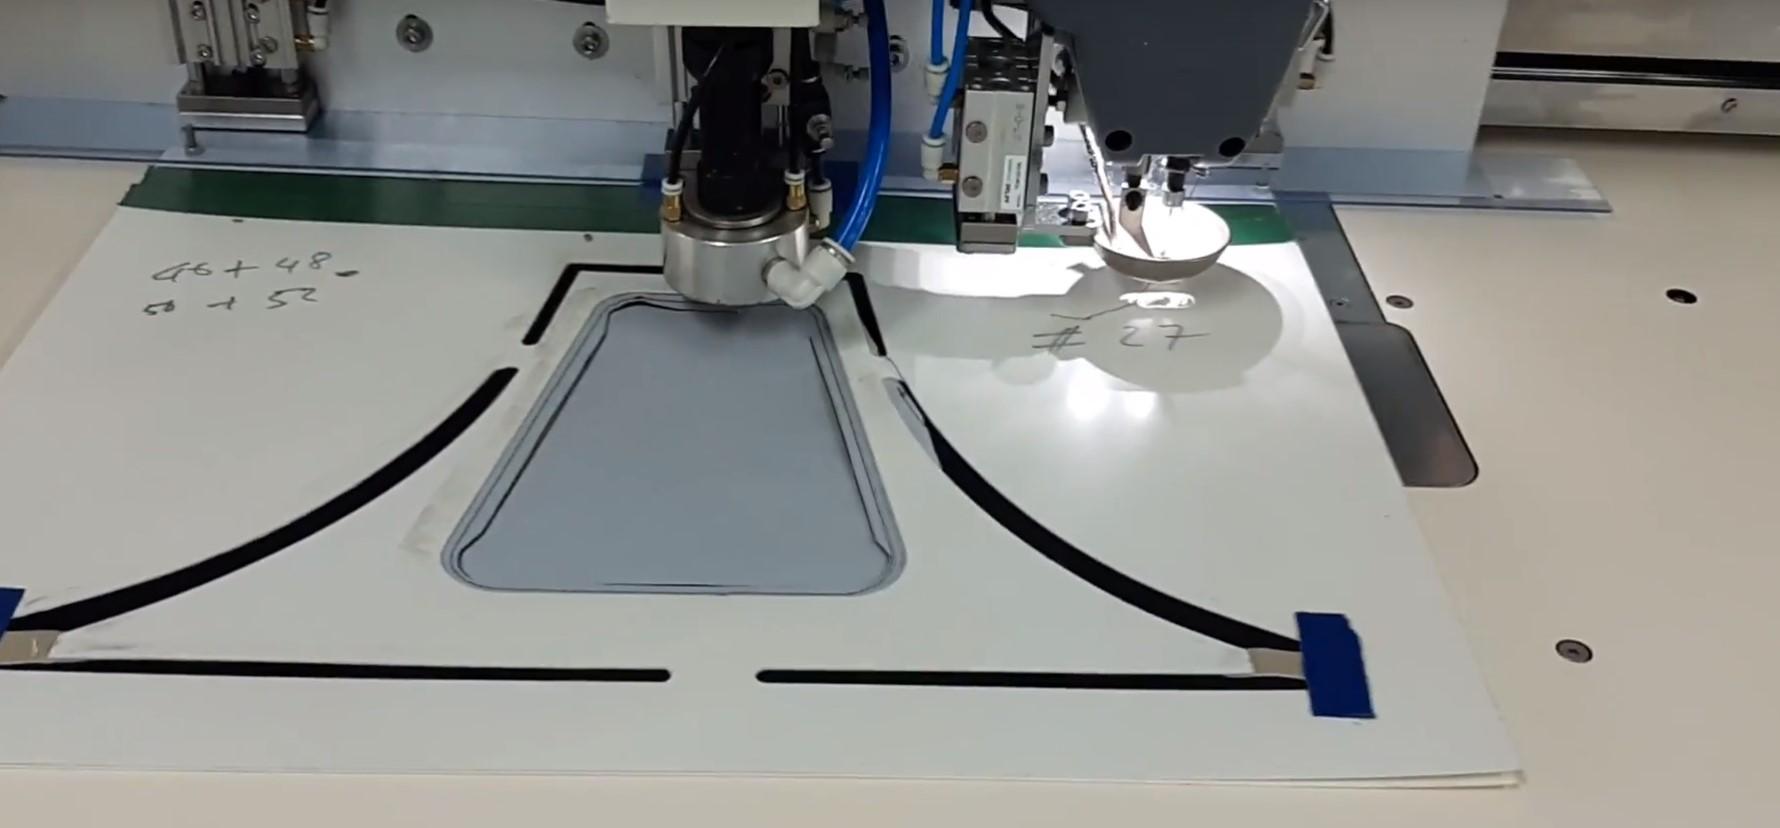 máy may lập trình tự động